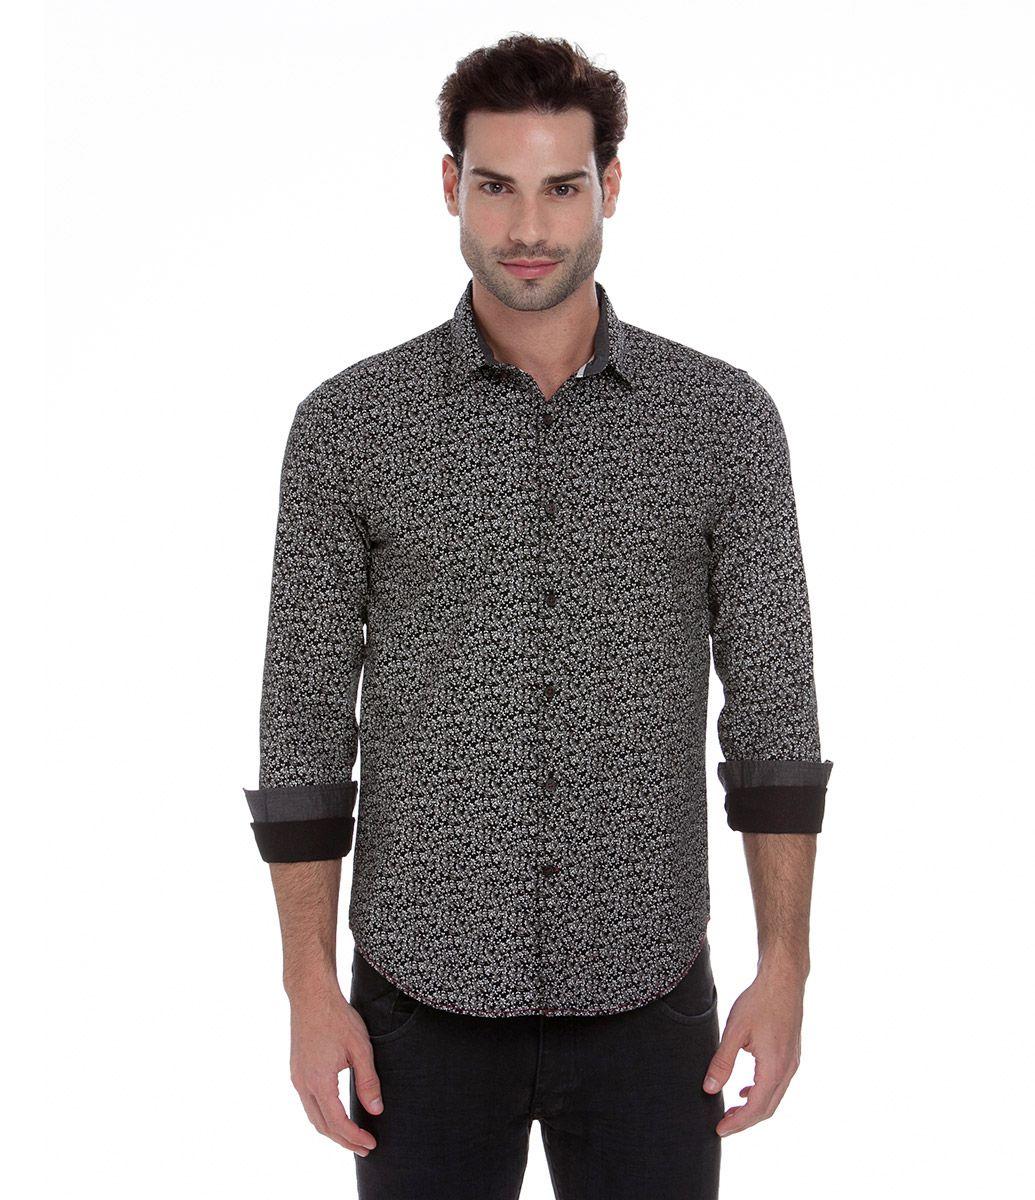 23ce331a0 Camiseta masculina Manga longa Floral Marca  Request Tecido    TricolineComposição  100% algodão.